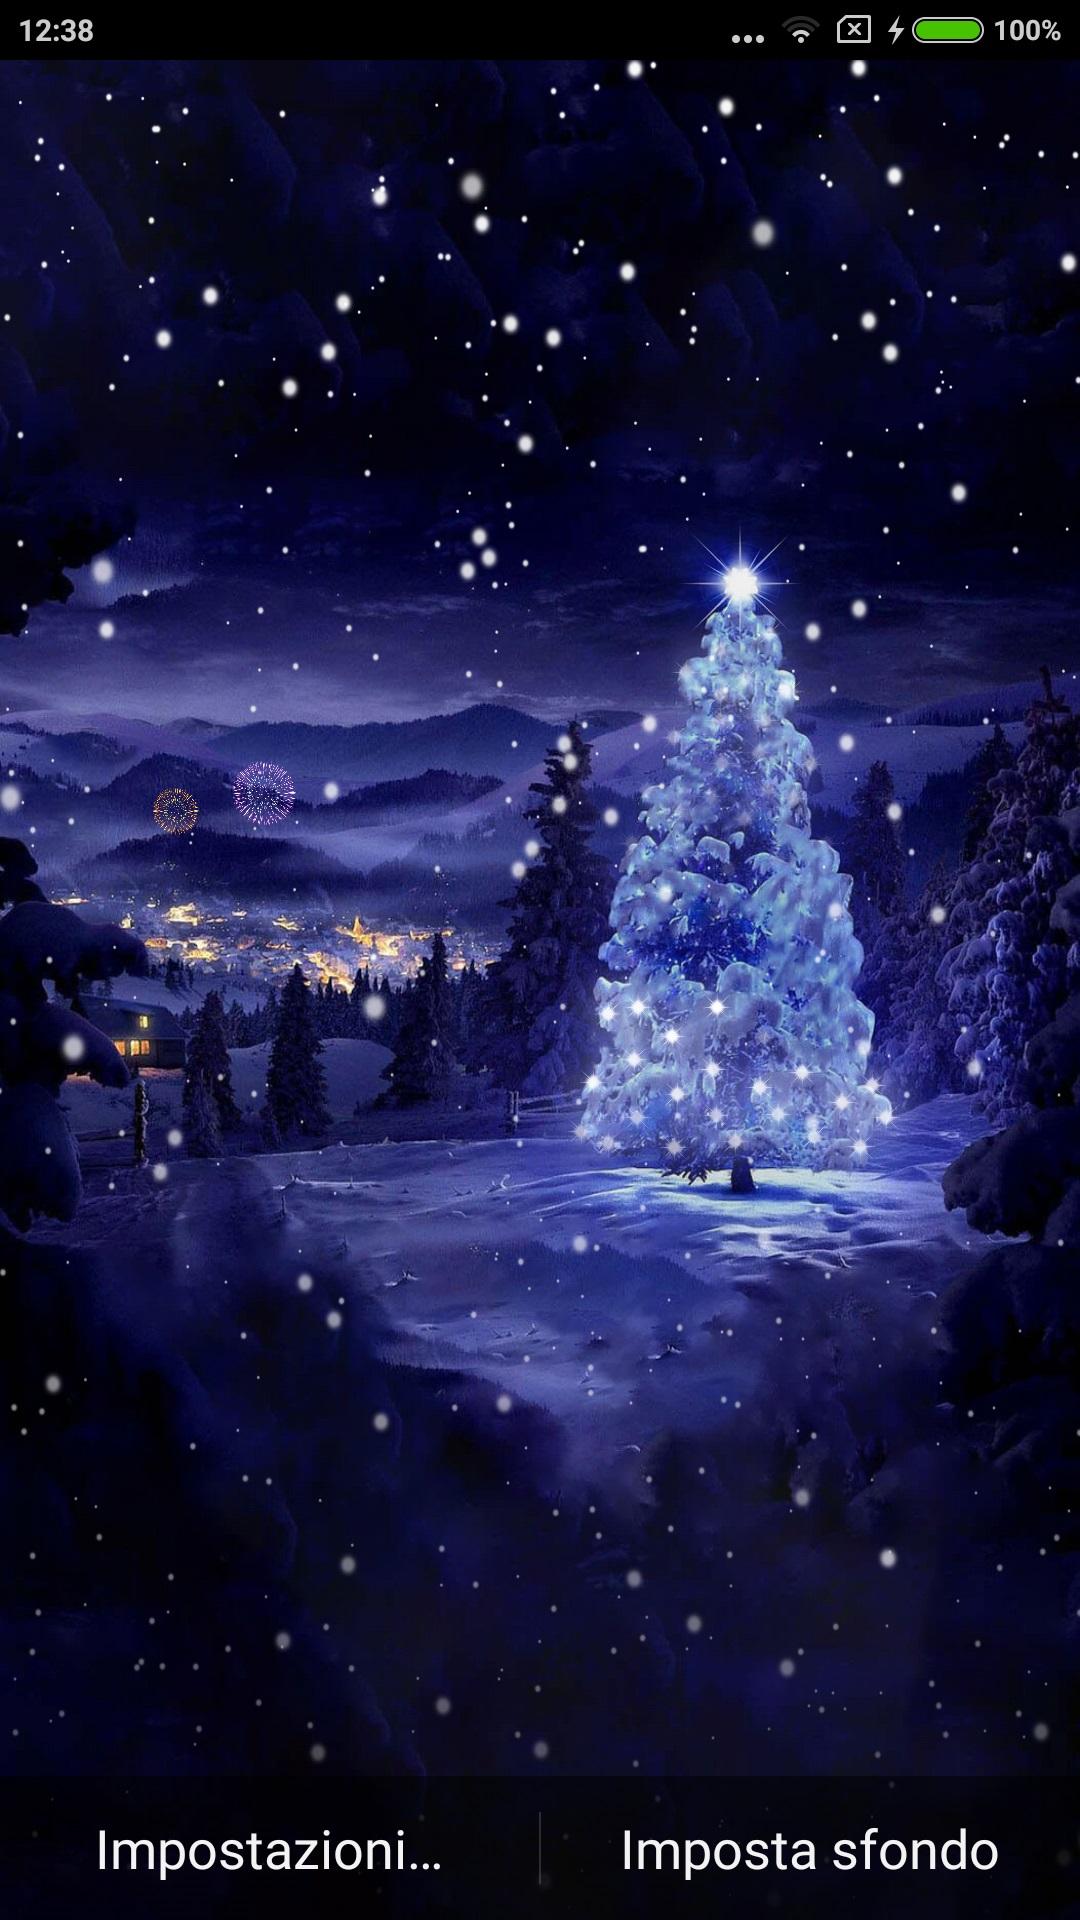 Sfondo Animato Natale.Christmas Tree Offre Uno Sfondo Animato Personalizzabile Con